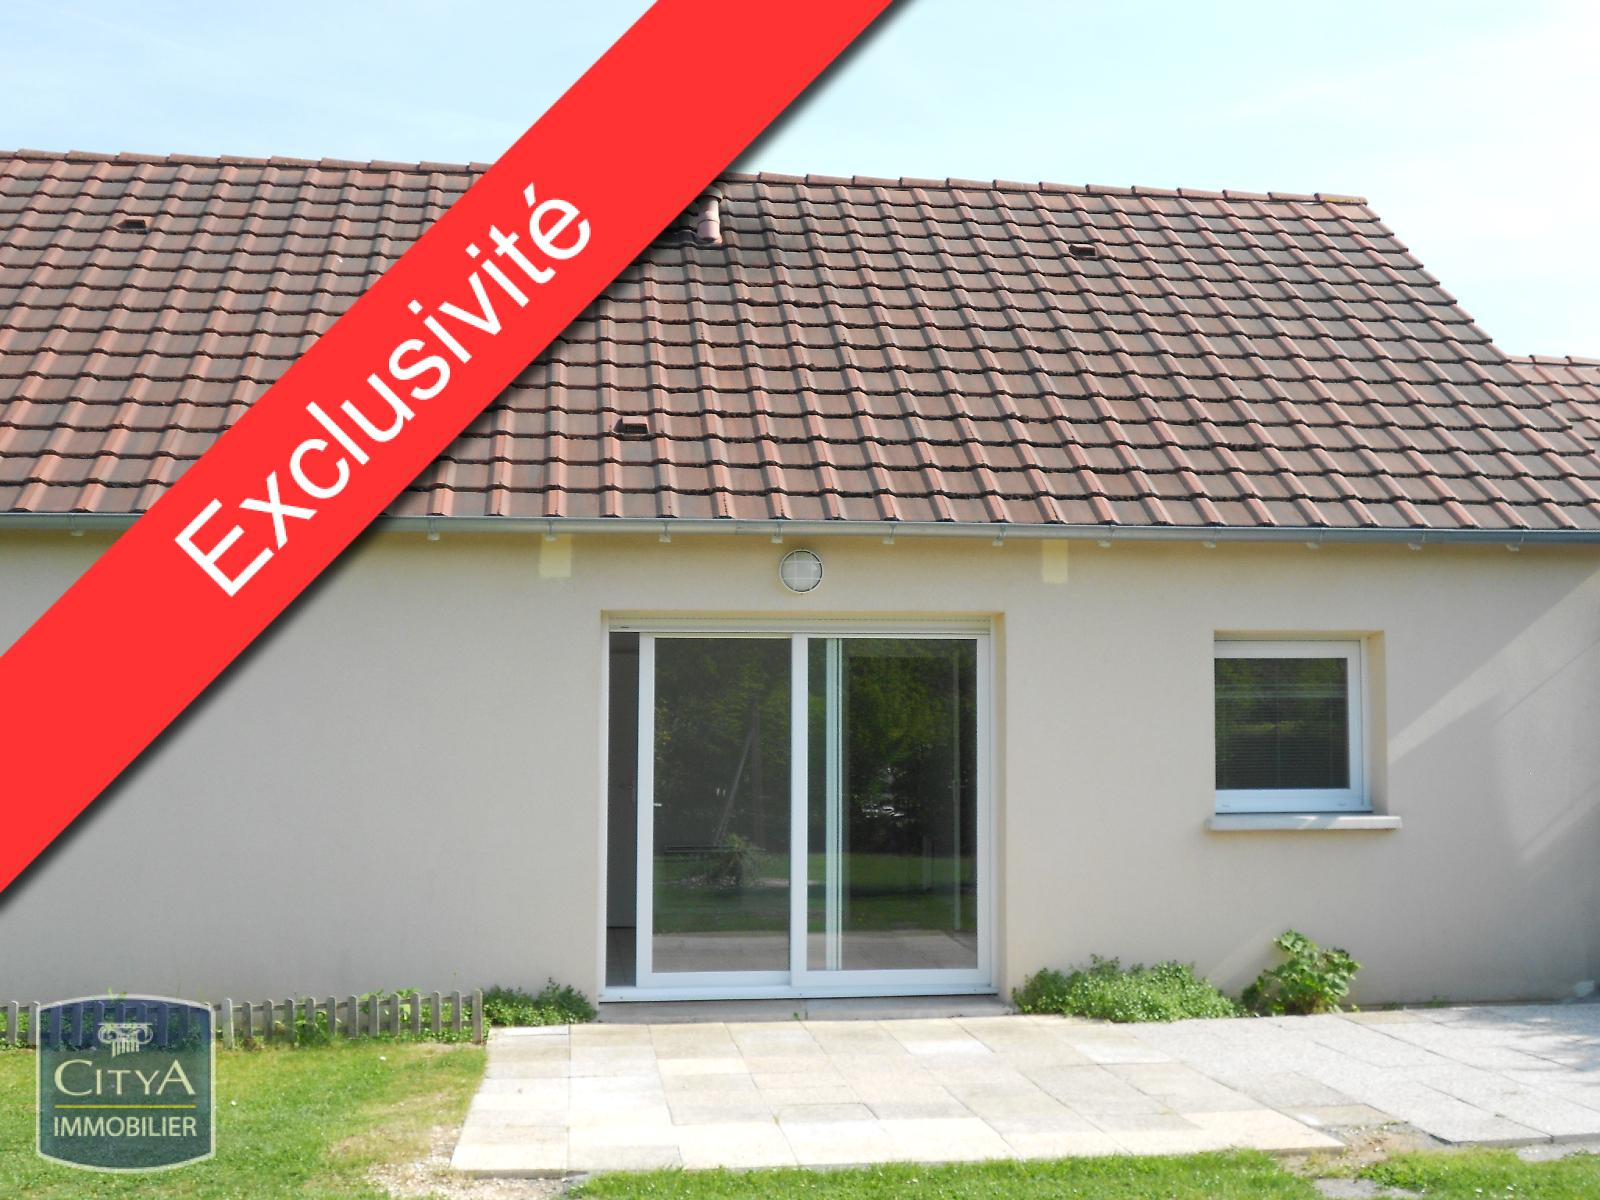 Maison/villa 4 pièces 82 m²